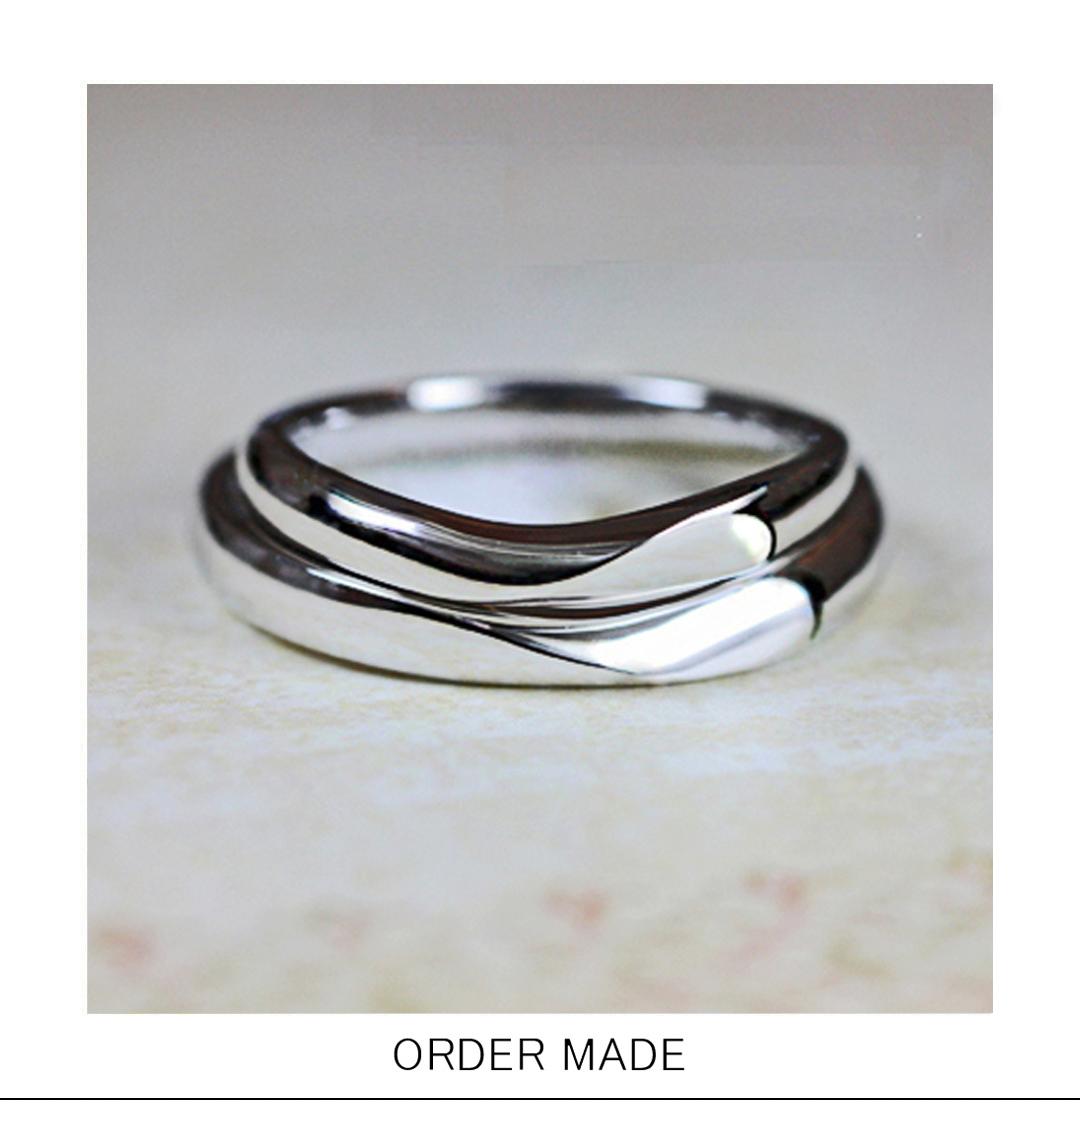 2本重ねてハートの模様をつくるオーダーメイドの結婚指輪作品のサムネイル